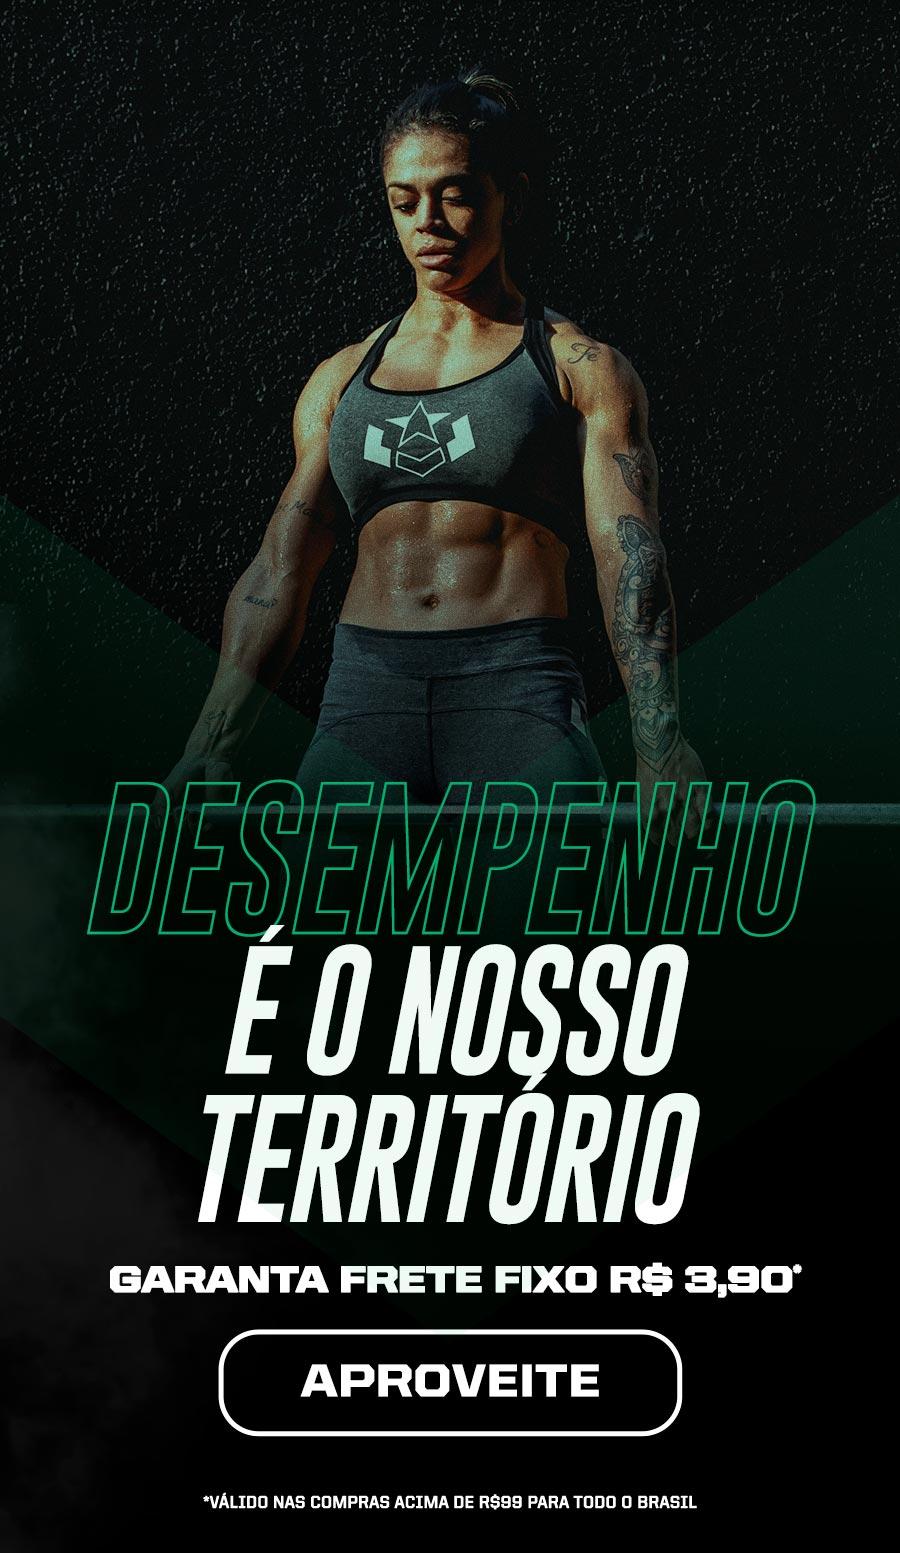 Frete fixo de R$3,90 para compras acima de 99 em todo Brasil - Setembro